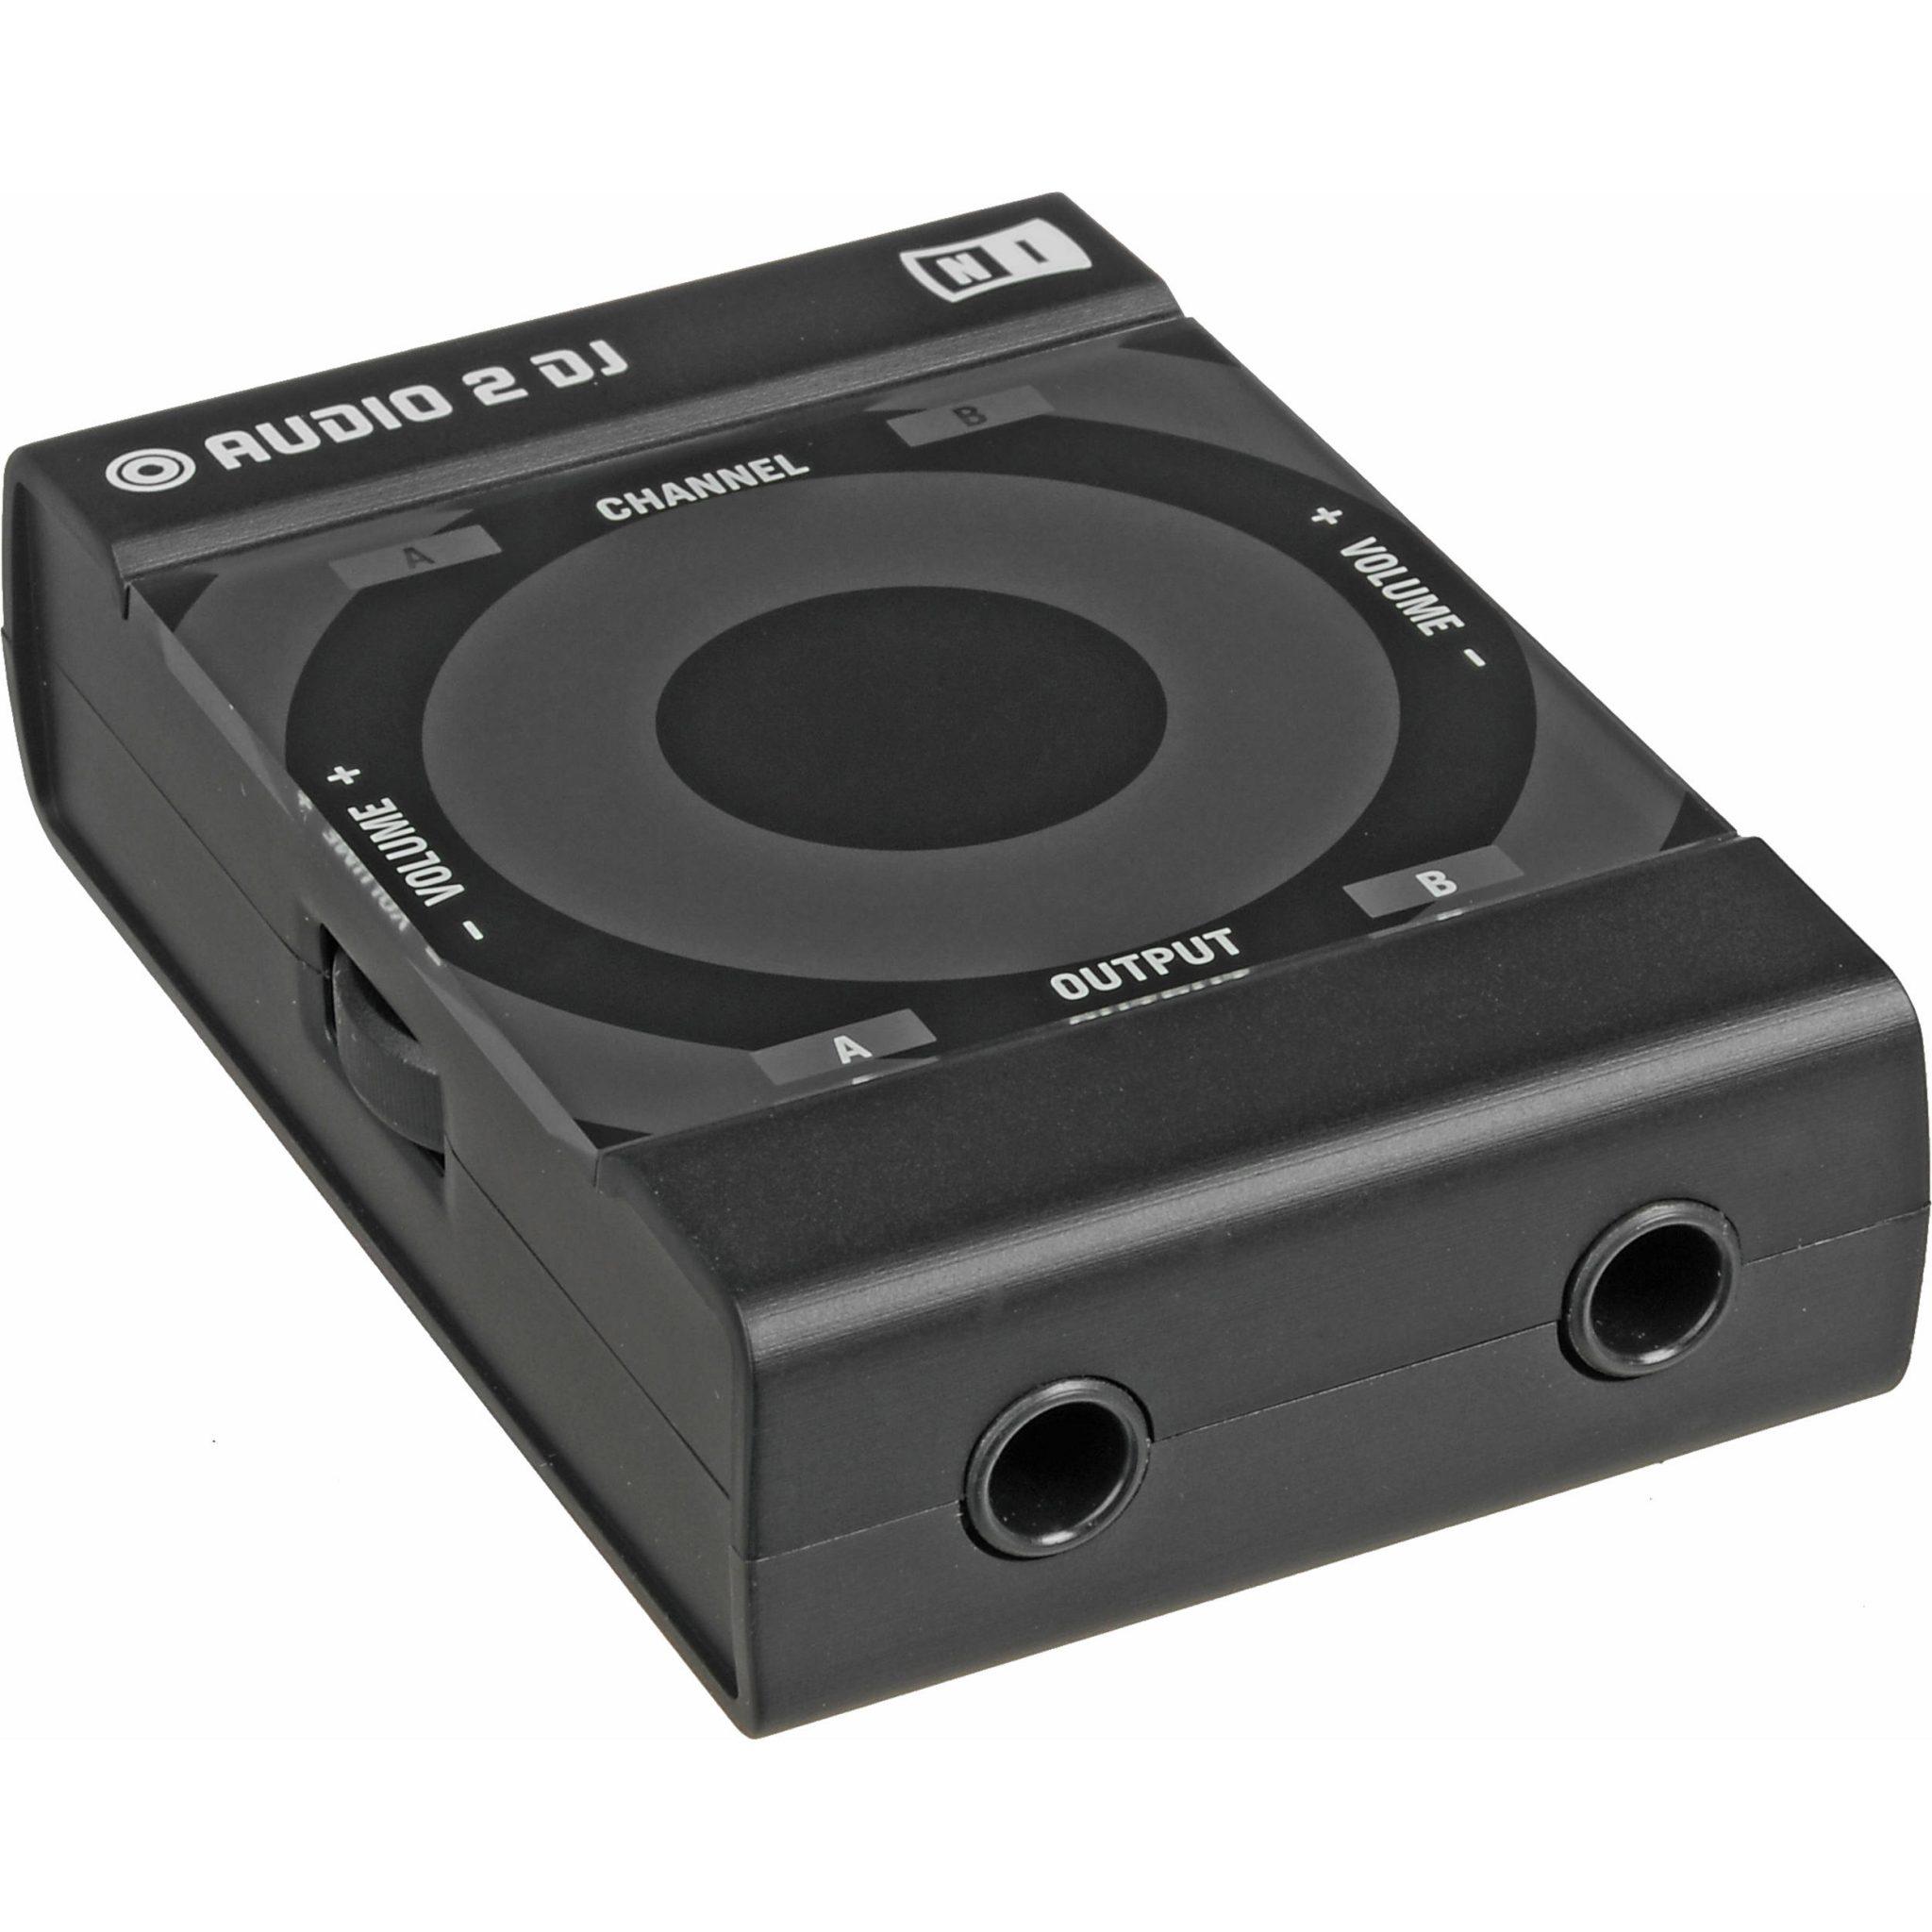 Audio 2 DJ (image courtesy of B&H)